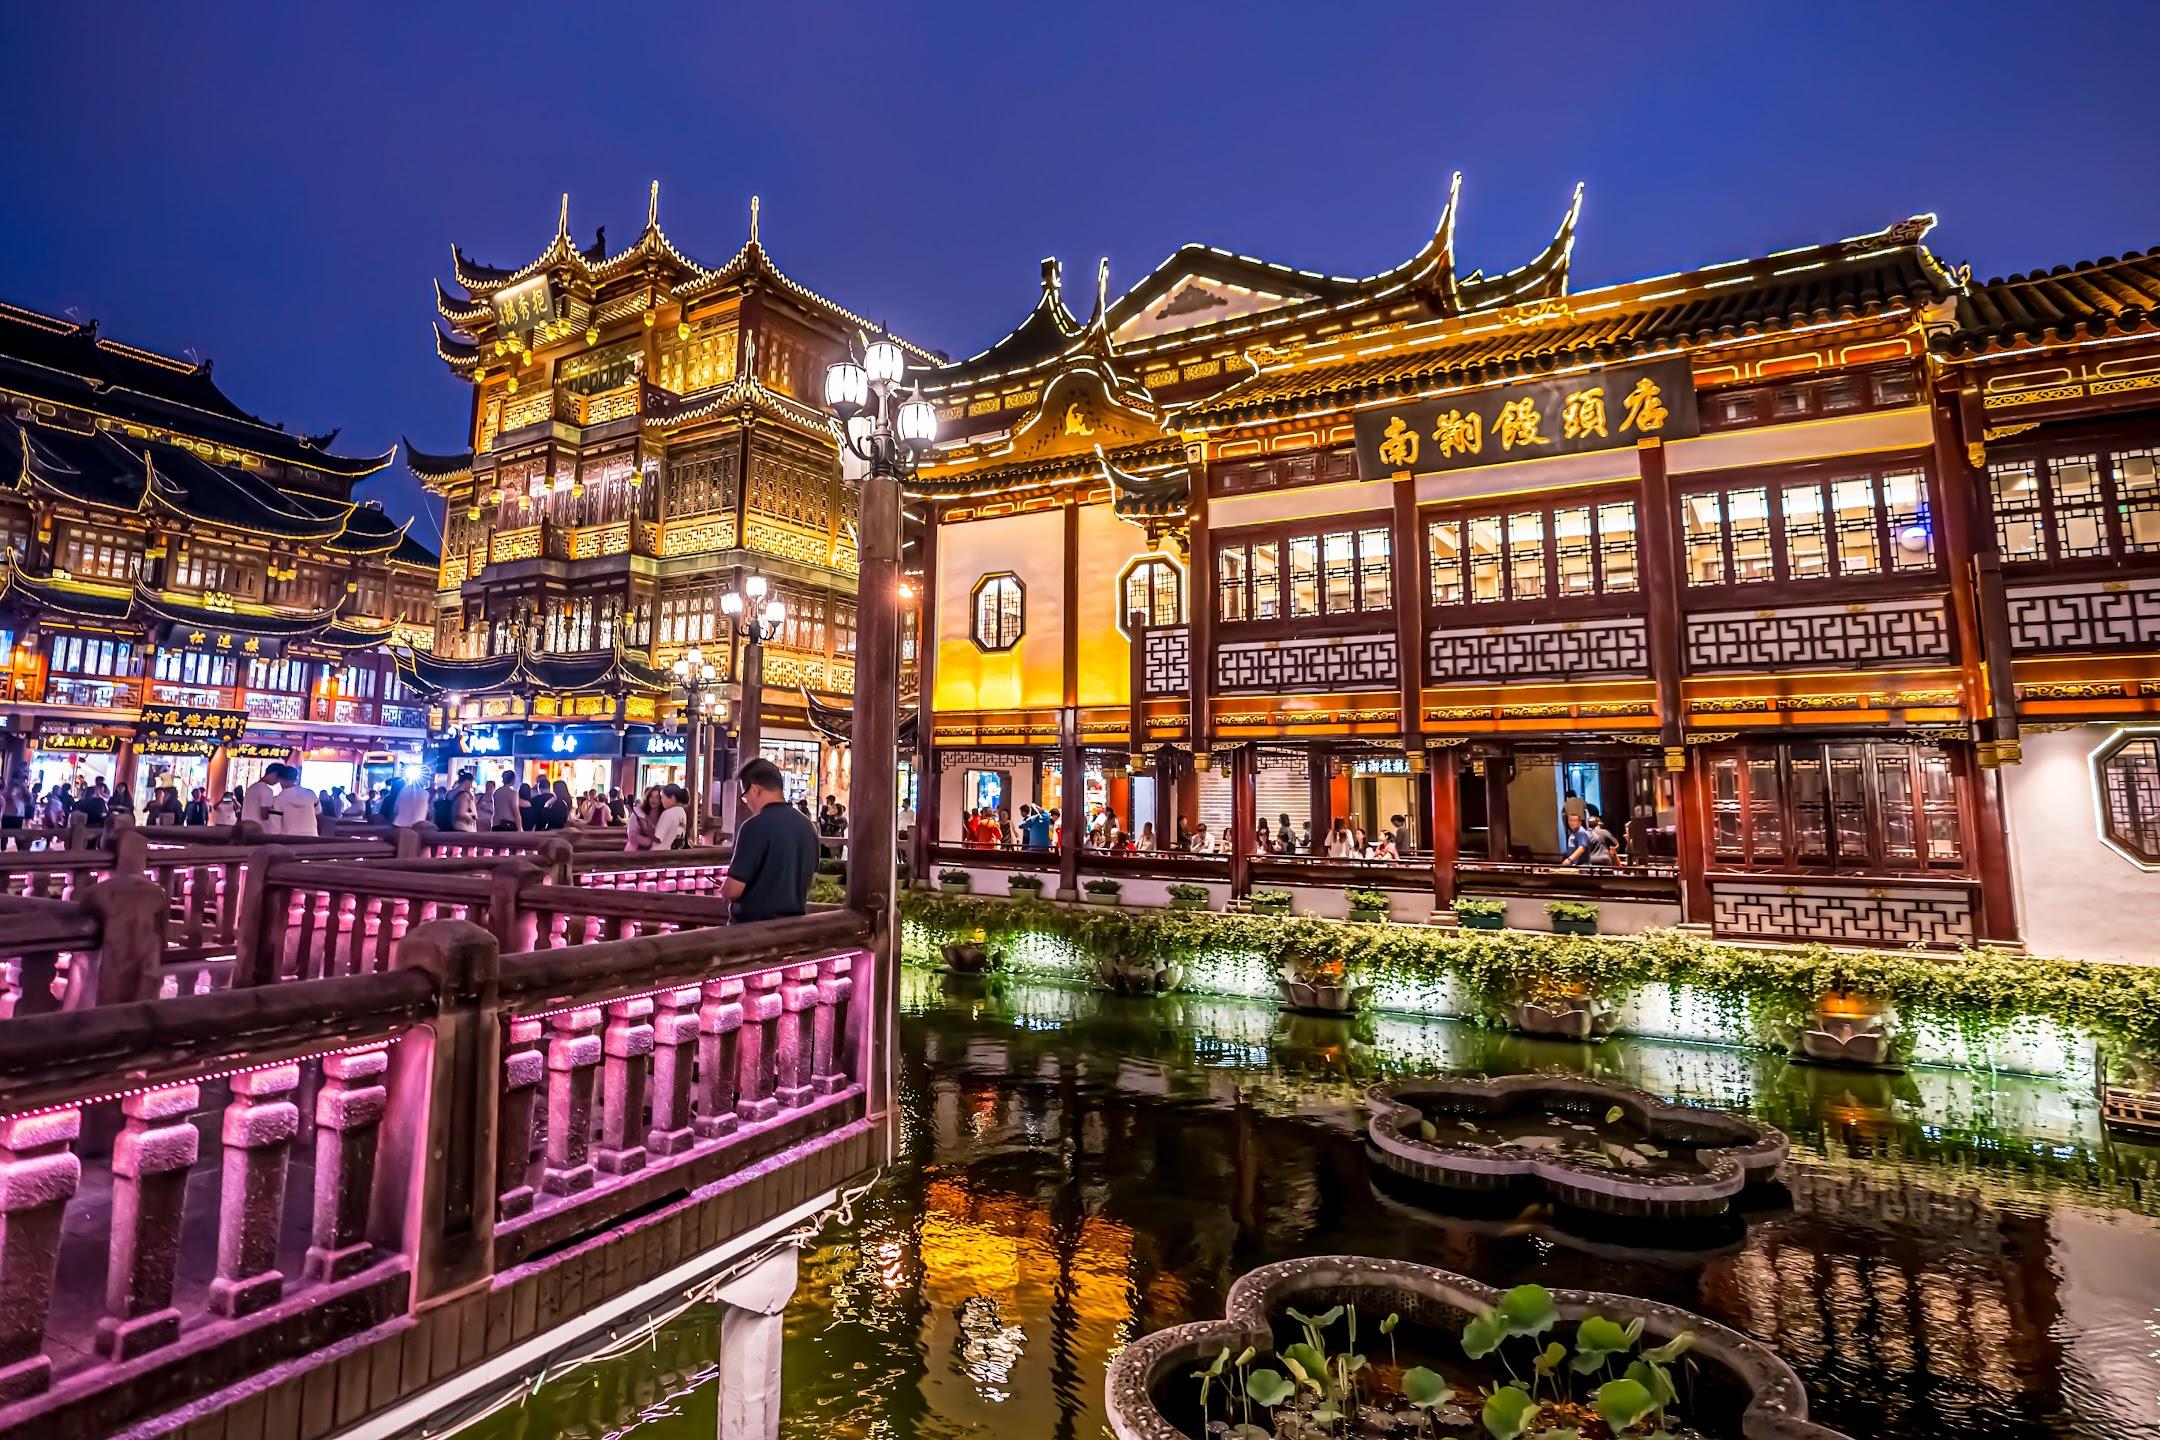 上海 豫園 南翔饅頭店 ライトアップ2